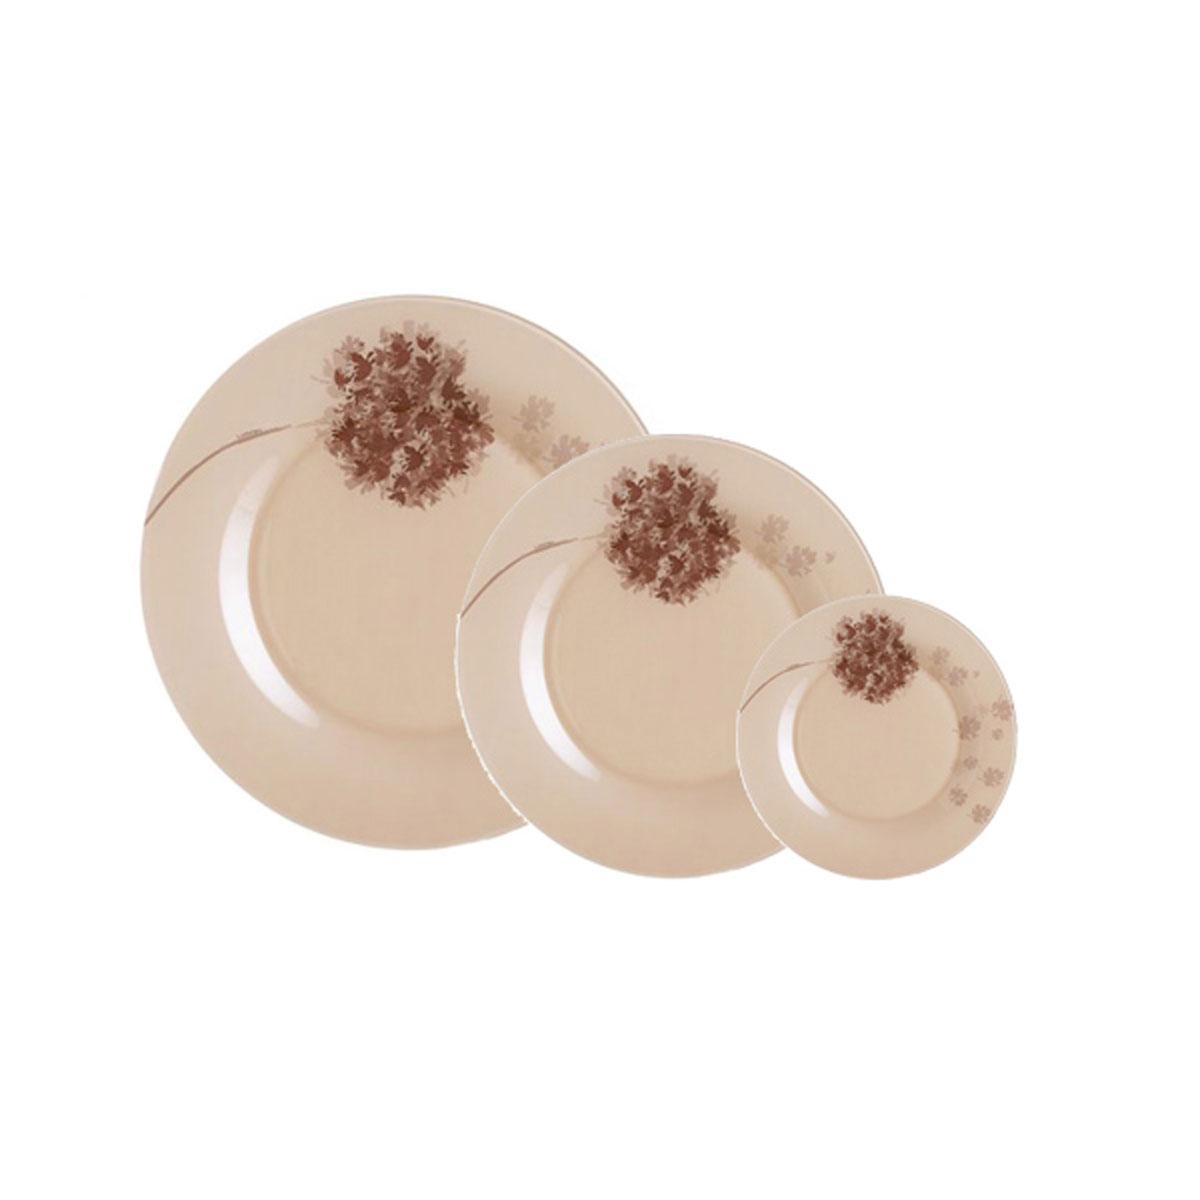 Набор столовой посуды Luminarc Stella, 18 предметовJ1916Набор Luminarc Stella состоит из 6 суповых тарелок, 6 обеденных тарелок, 6 десертных тарелок. Изделия выполнены из ударопрочного стекла, имеют яркий дизайн с рисунком по краям и классическую круглую форму. Посуда отличается прочностью, гигиеничностью и долгим сроком службы, она устойчива к появлению царапин и резким перепадам температур. Такой набор прекрасно подойдет как для повседневного использования, так и для праздников или особенных случаев. Набор столовой посуды Luminarc Stella - это не только яркий и полезный подарок для родных и близких, а также великолепное дизайнерское решение для вашей кухни или столовой. Можно мыть в посудомоечной машине и использовать в микроволновой печи. Диаметр суповой тарелки: 21,5 см. Высота суповой тарелки: 3 см. Диаметр обеденной тарелки: 25 см. Высота обеденной тарелки: 1,5 см. Диаметр десертной тарелки: 20 см. Высота десертной тарелки: 1,7 см.